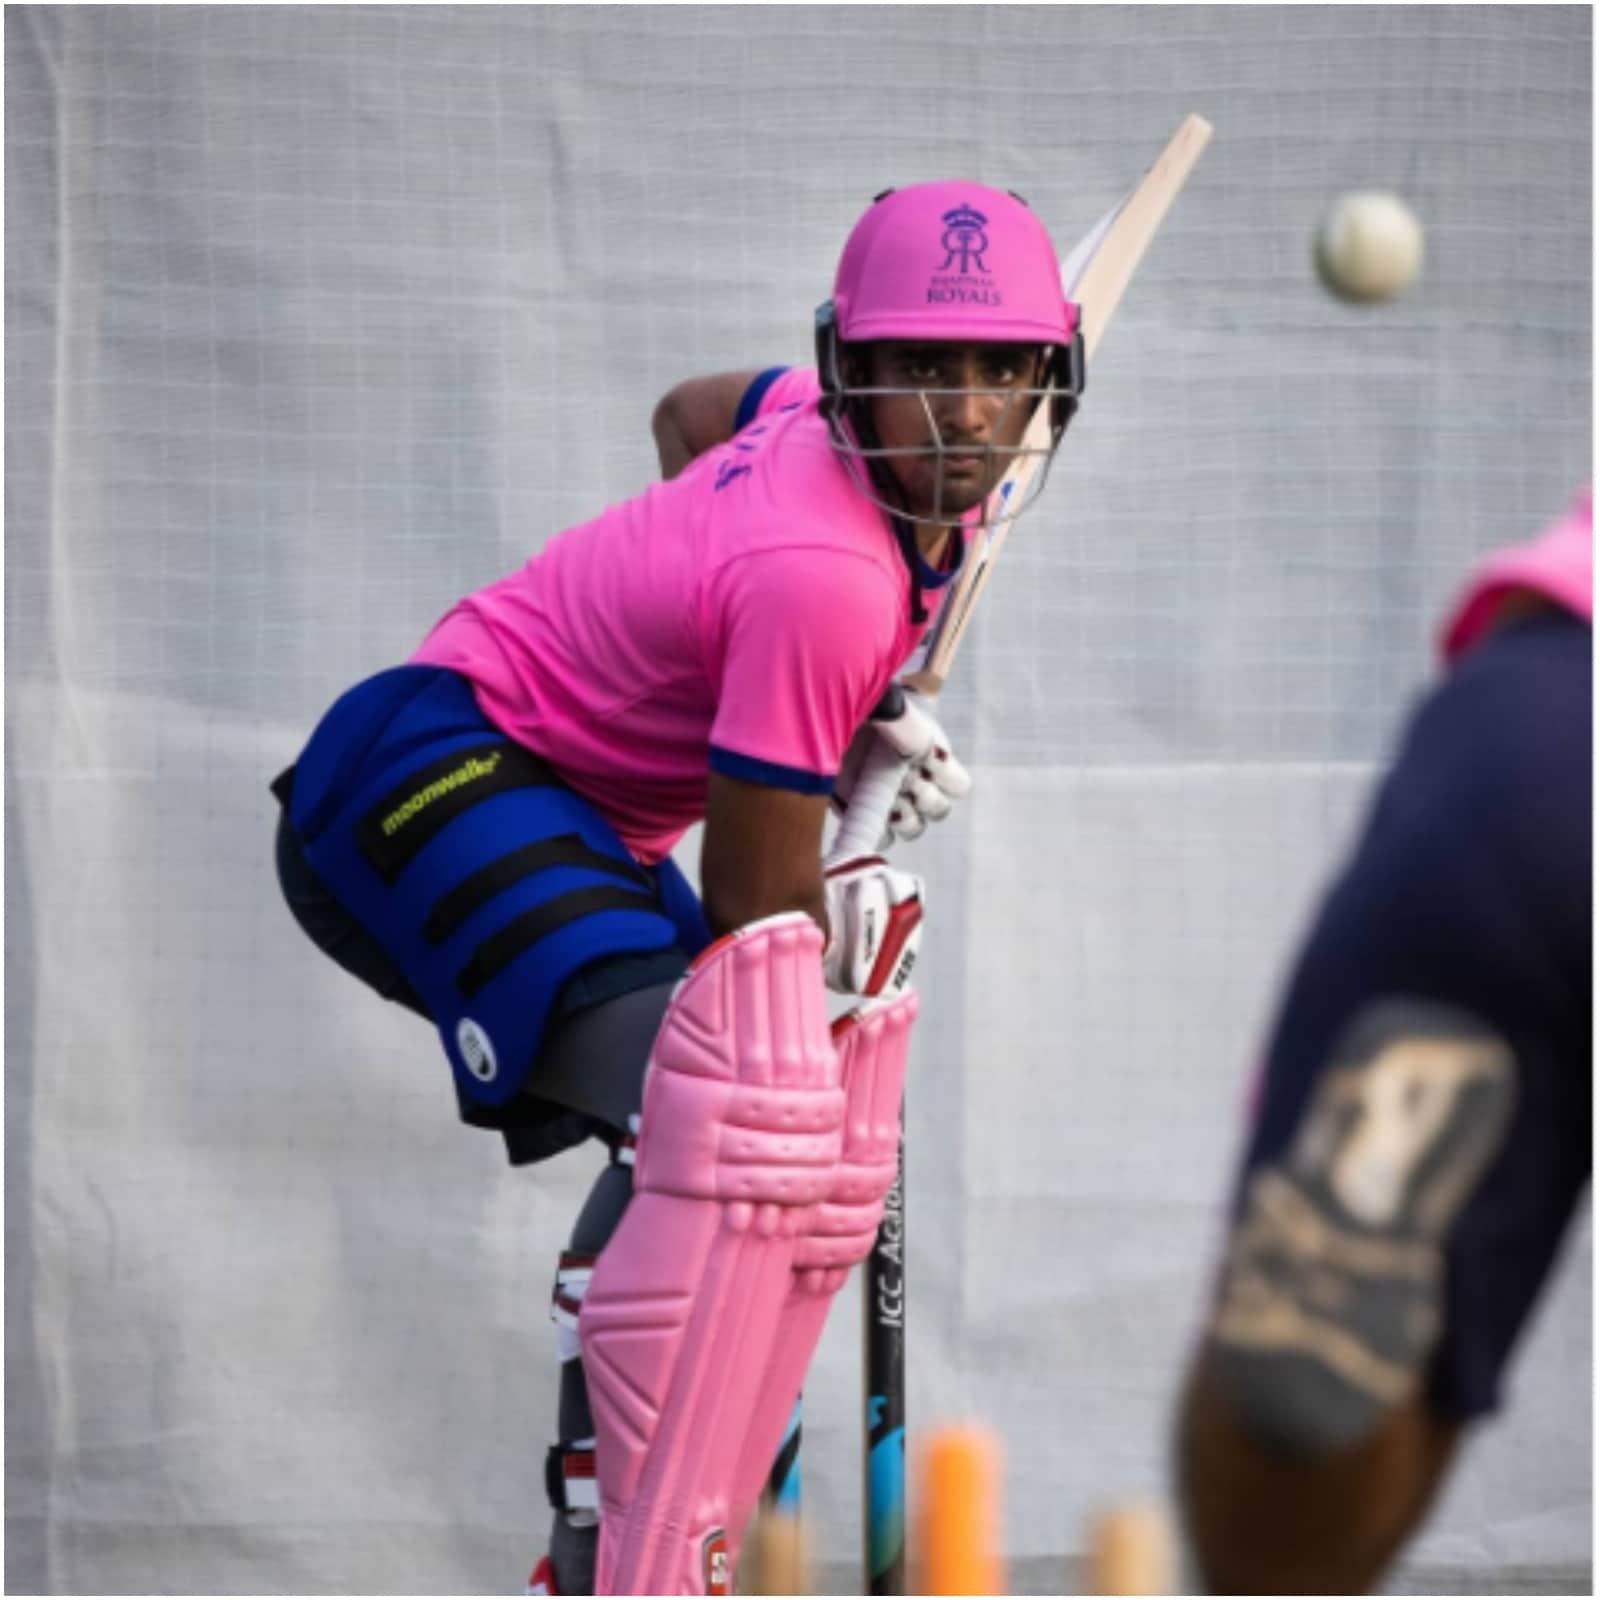 19 साल की उम्र में ही महिपाल लोमरोर राजस्थान क्रिकेट टीम के कप्तान भी बन चुके हैं. लोमरोर के आदर्श एडम गिलक्रिस्ट हैं और गेंदबाजी में वो रवींद्र जडेजा को अपना आयडल मानते हैं. .(फोटो साभार-mahipal_lomror)